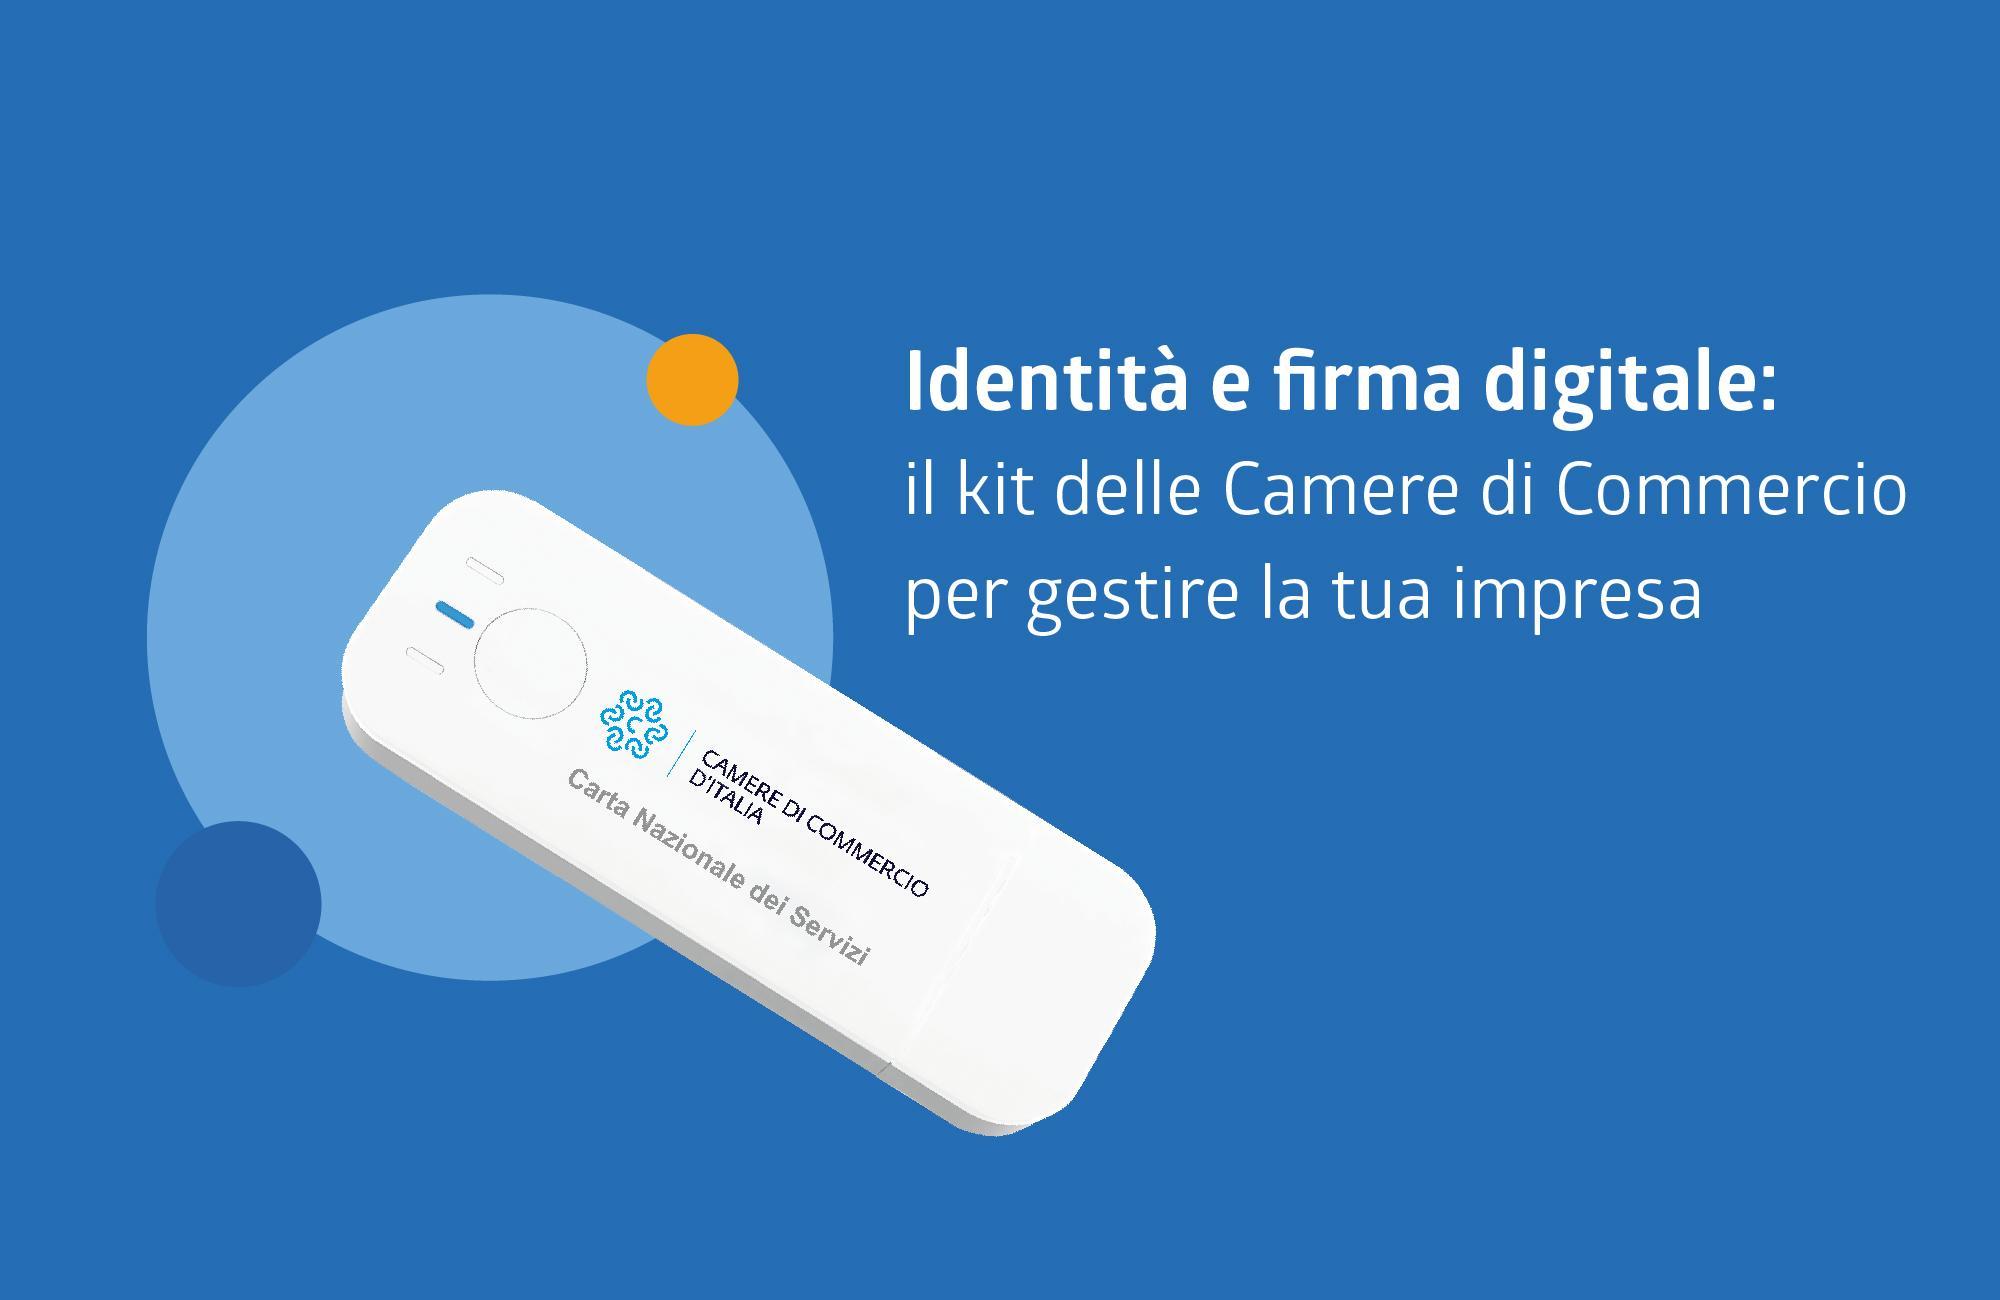 Identità e firma digitale: il kit delle Camere di Commercio per gestire la tua impresa online.